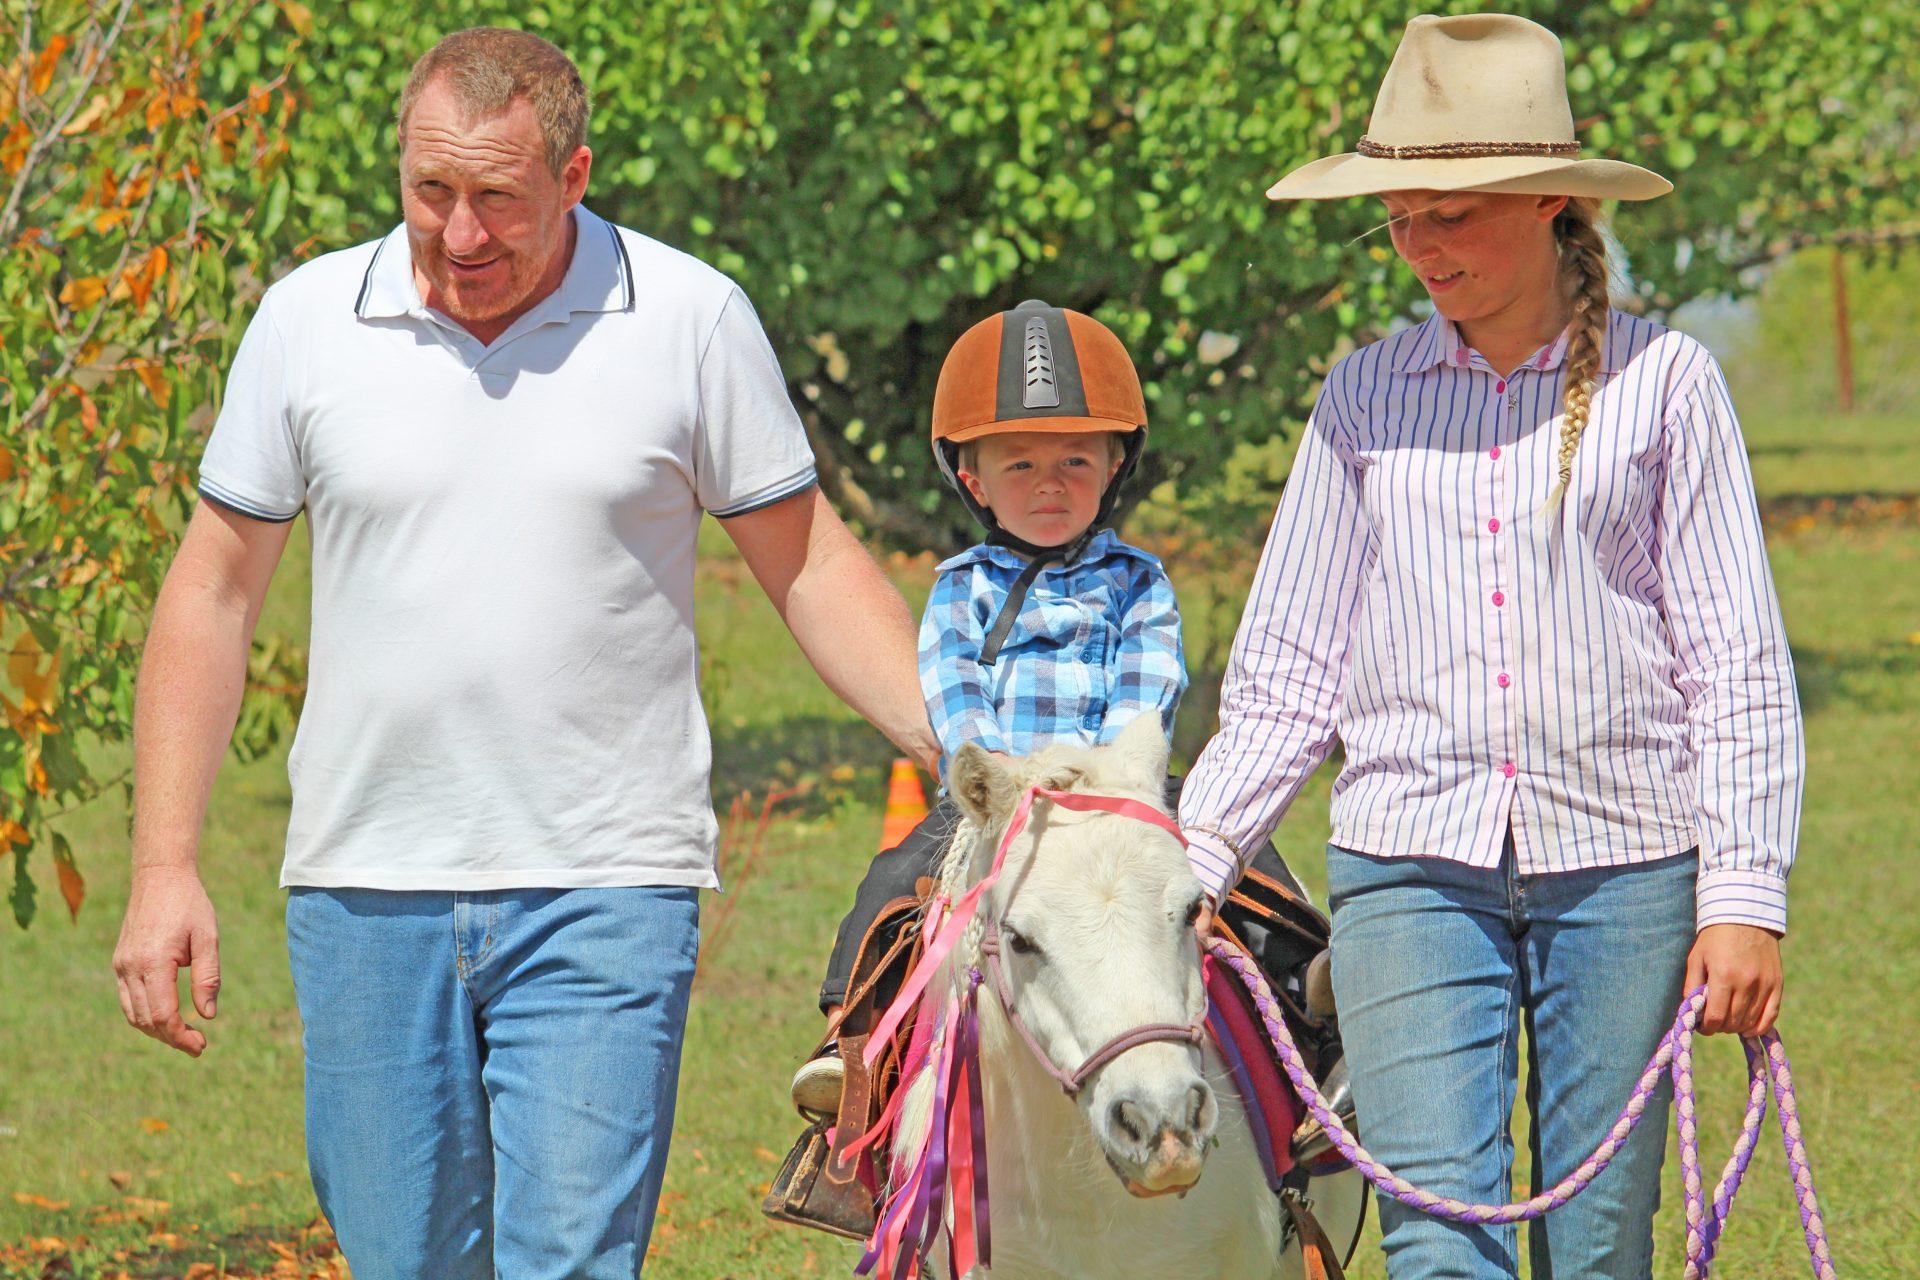 Boy Riding Pony With Dad